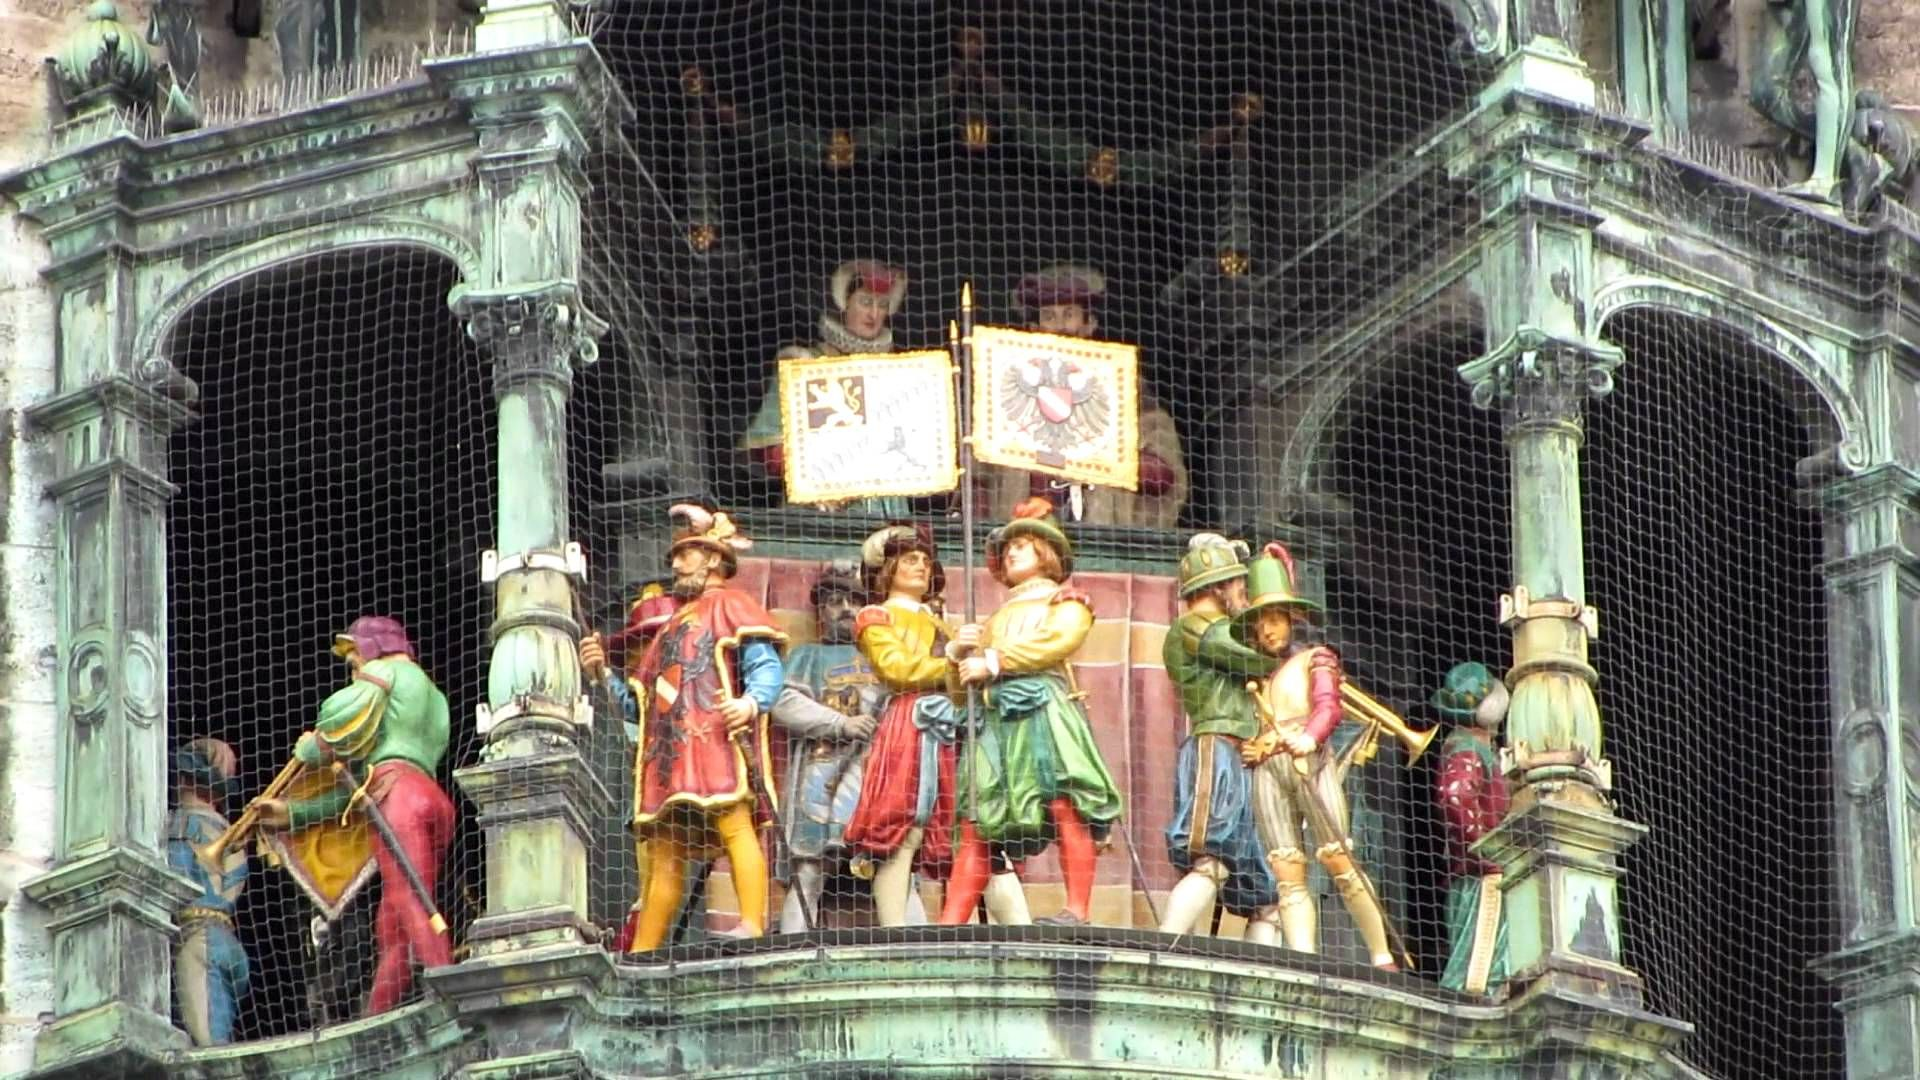 Munchen Rathaus Glockenspiel Glockenspiel Germany Painting